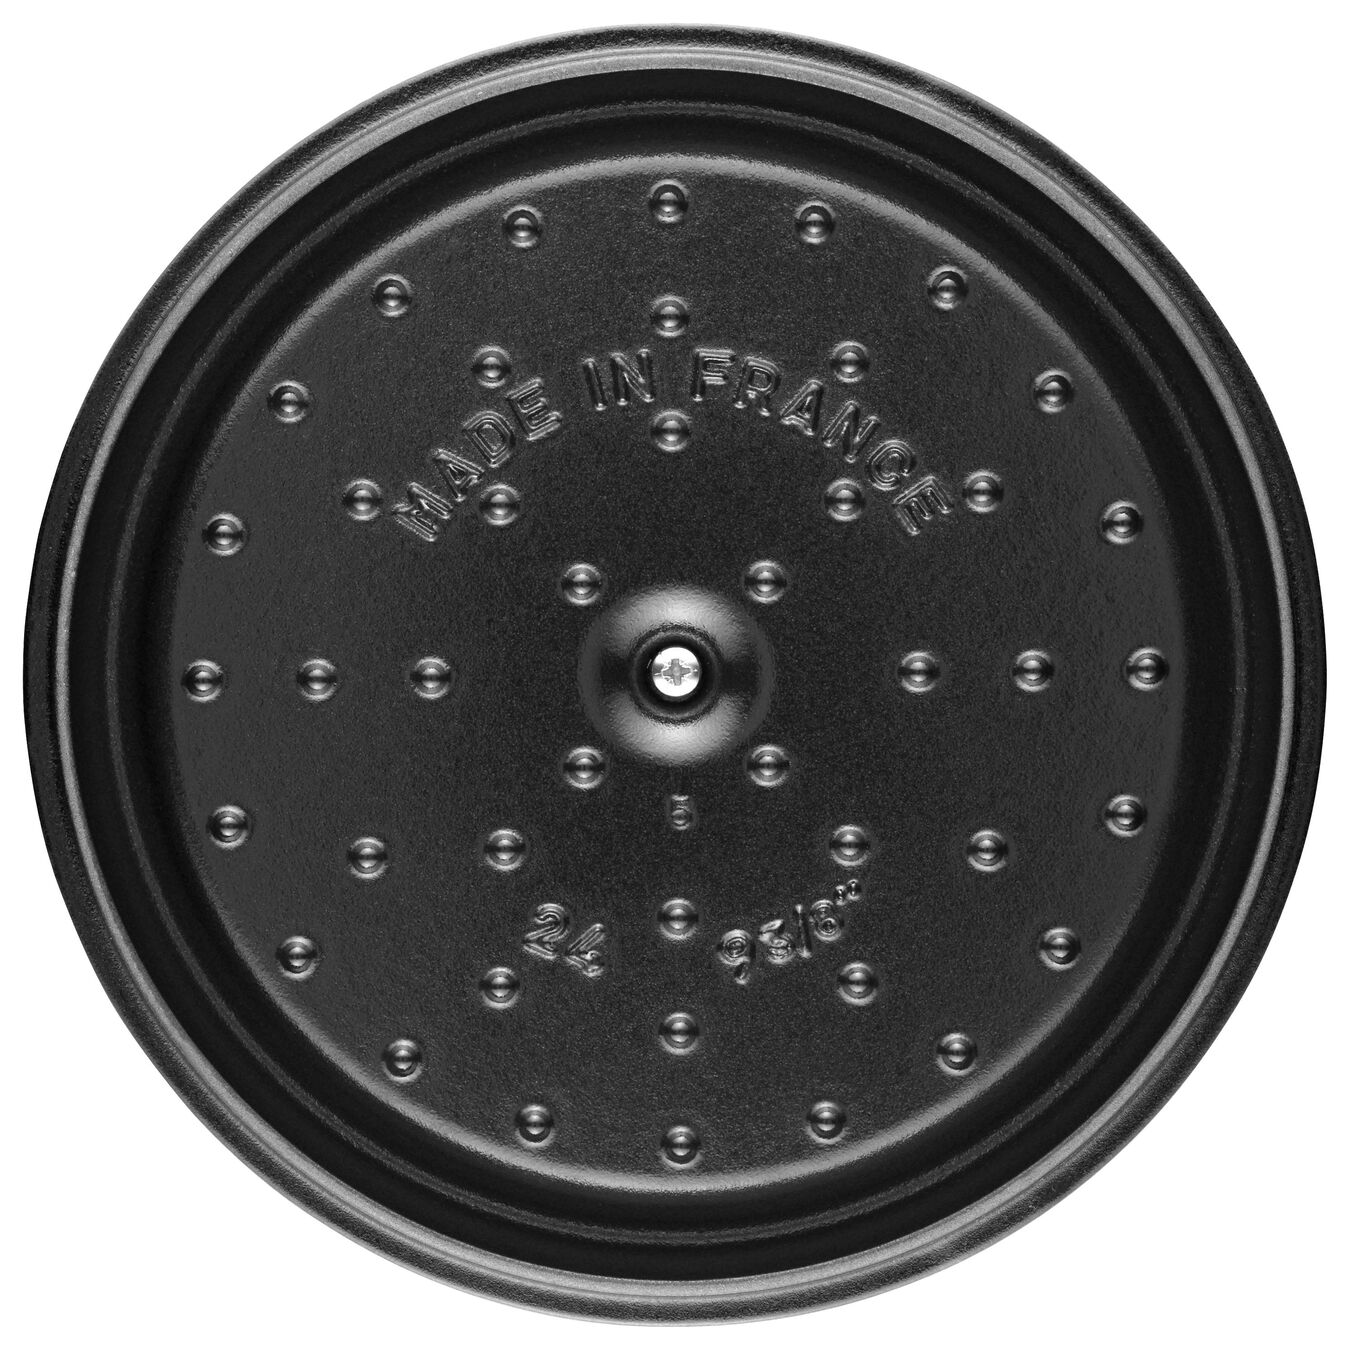 Cocotte 18 cm, Rond(e), Truffe blanche, Fonte,,large 5